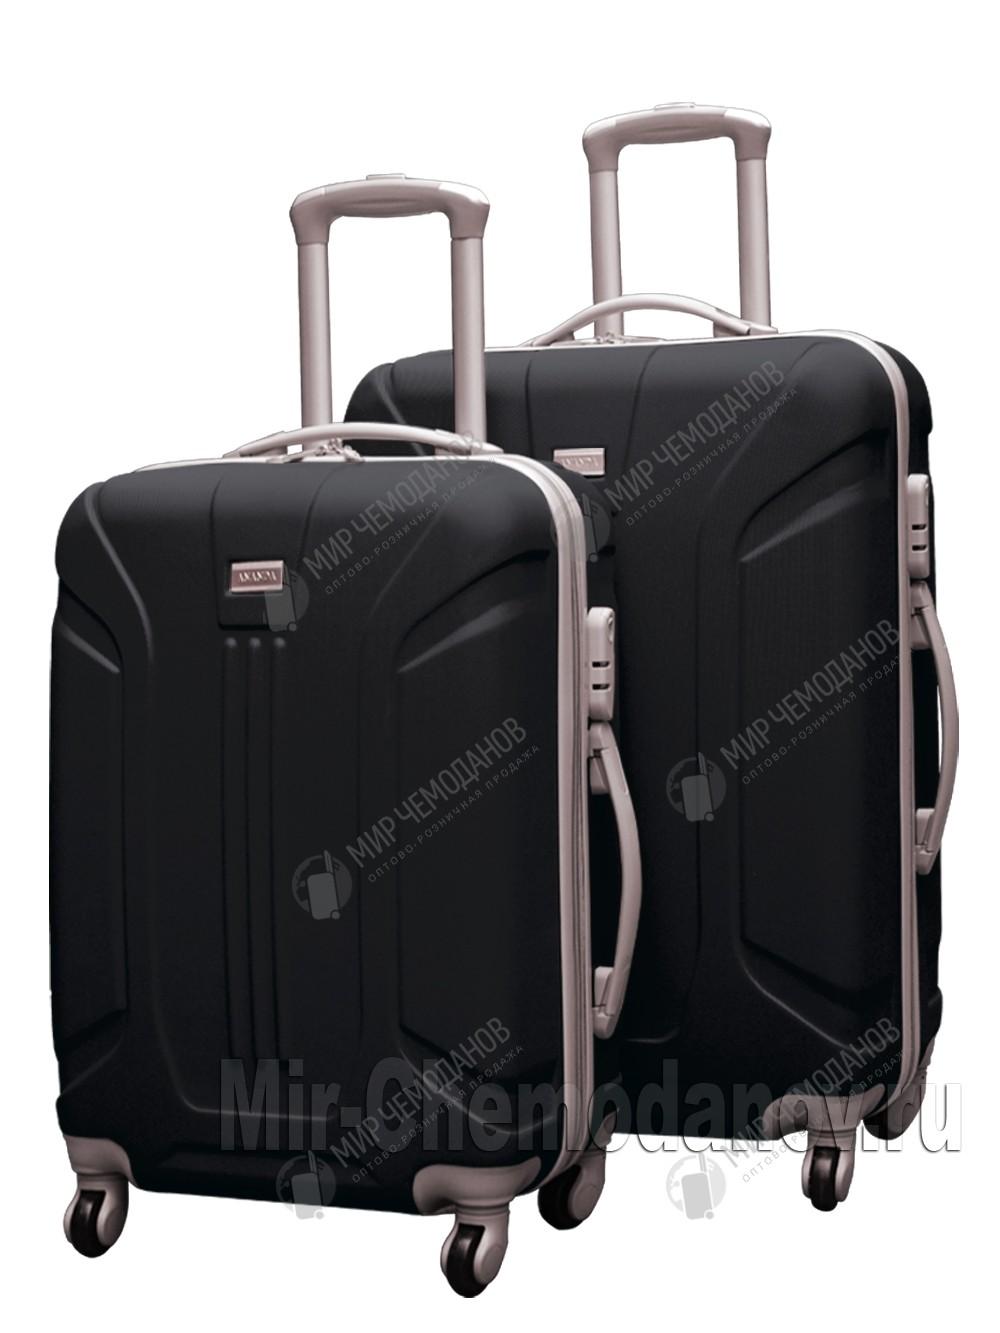 Сбор заказов. Чемоданы и чехлы для них, сумки-тележки, рюкзаки и прочее, теперь и для детей -10